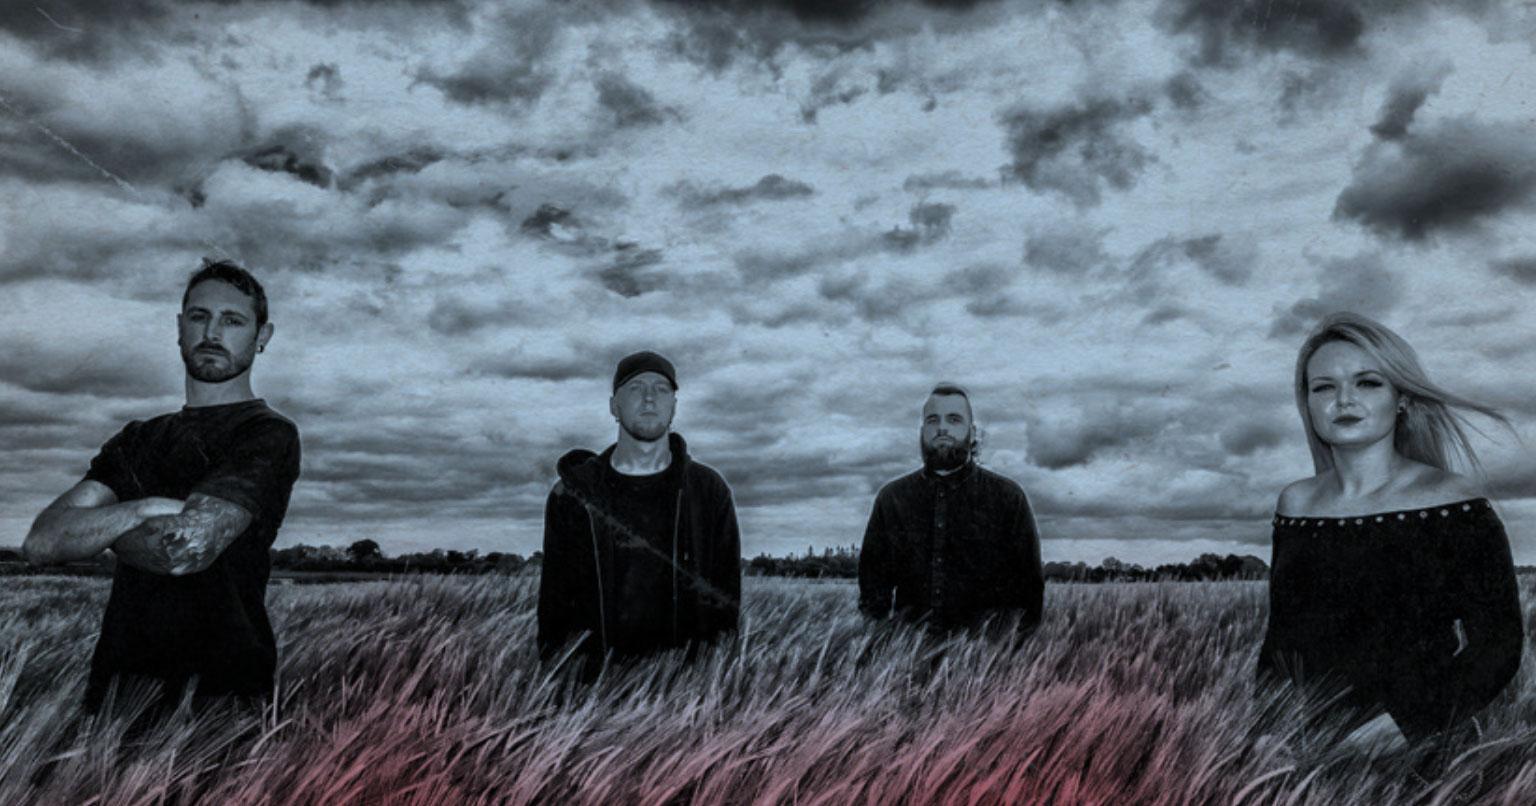 Dead Label promo image.